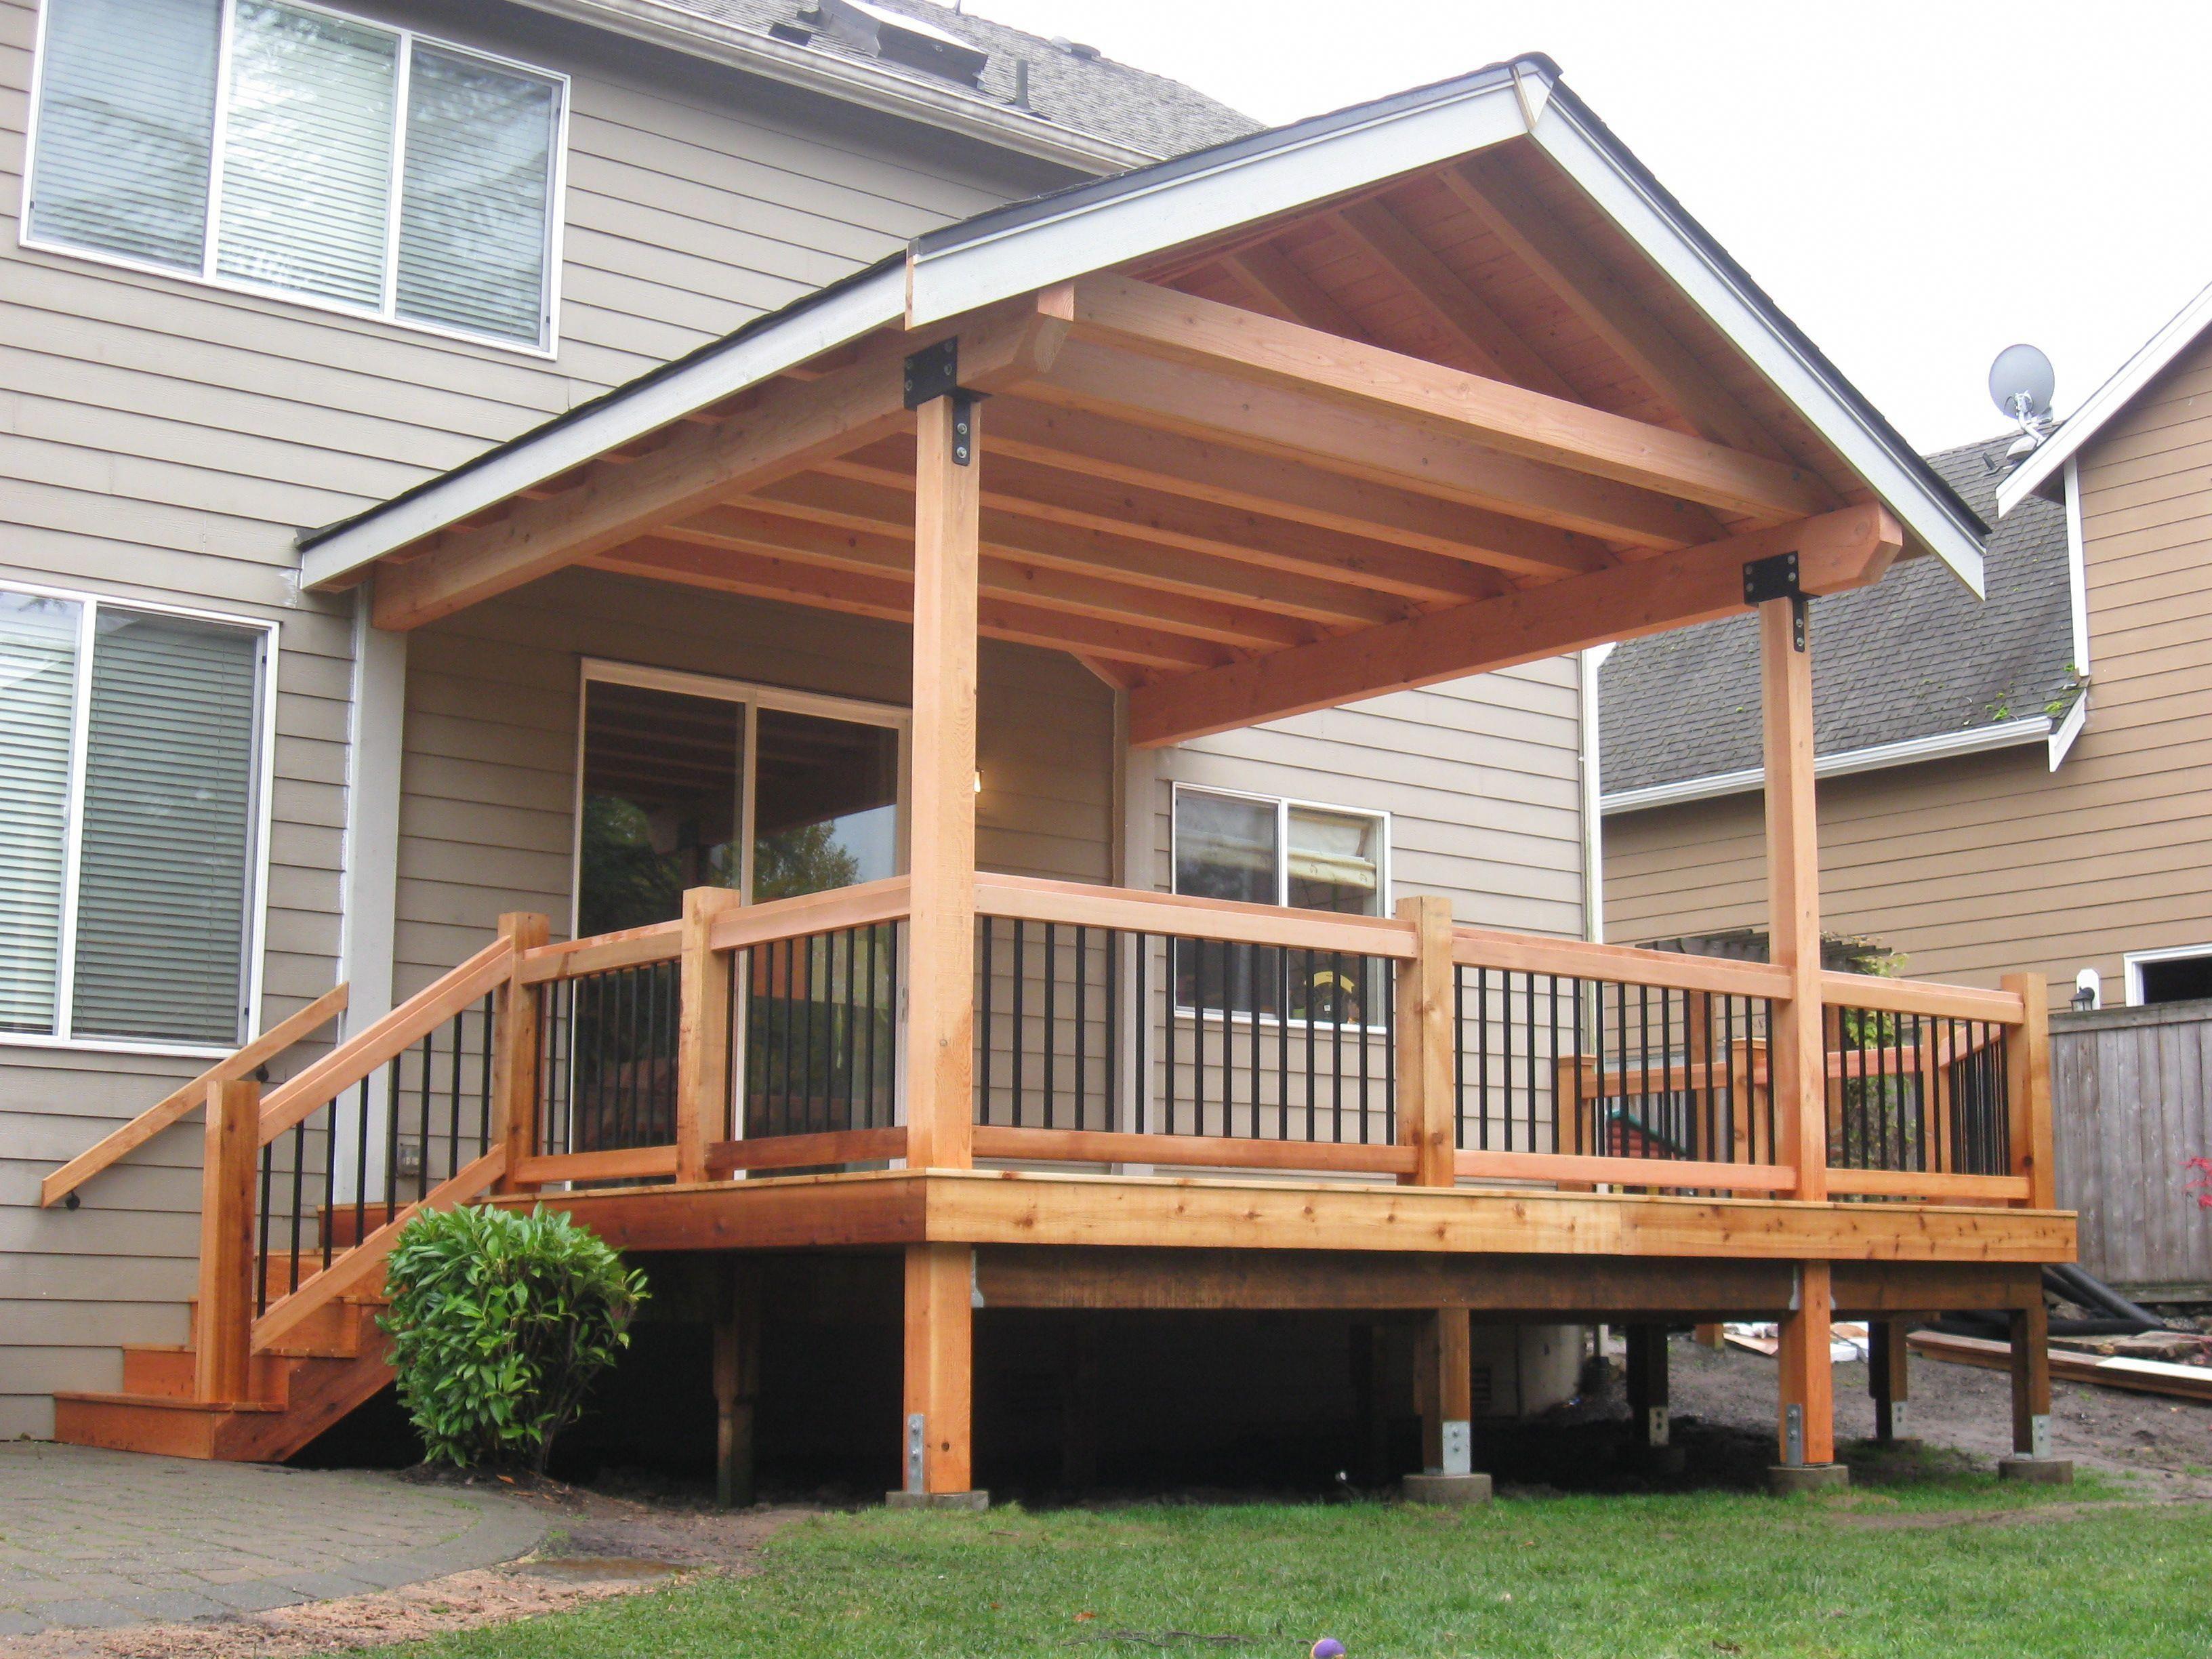 Fir Timber Framed Roof Cover Over Cedar Deck Built By Gunderson Construction Deckframing Deck Designs Backyard Deck Remodel Cedar Deck